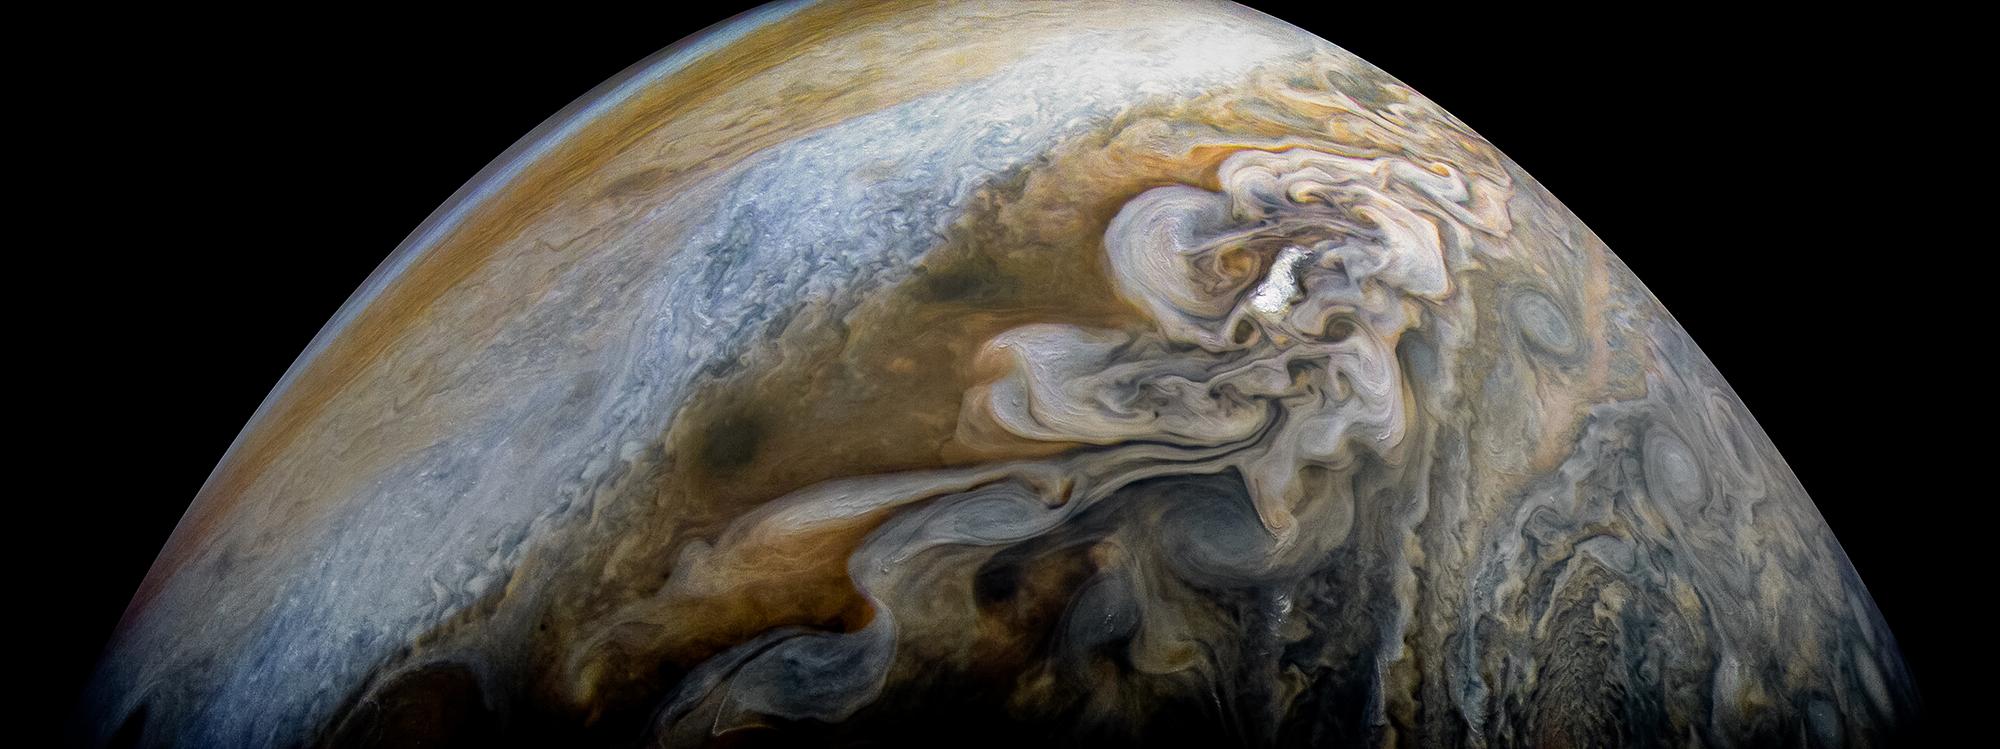 読者からの質問:人類が木星を訪れる日はやってきますか?